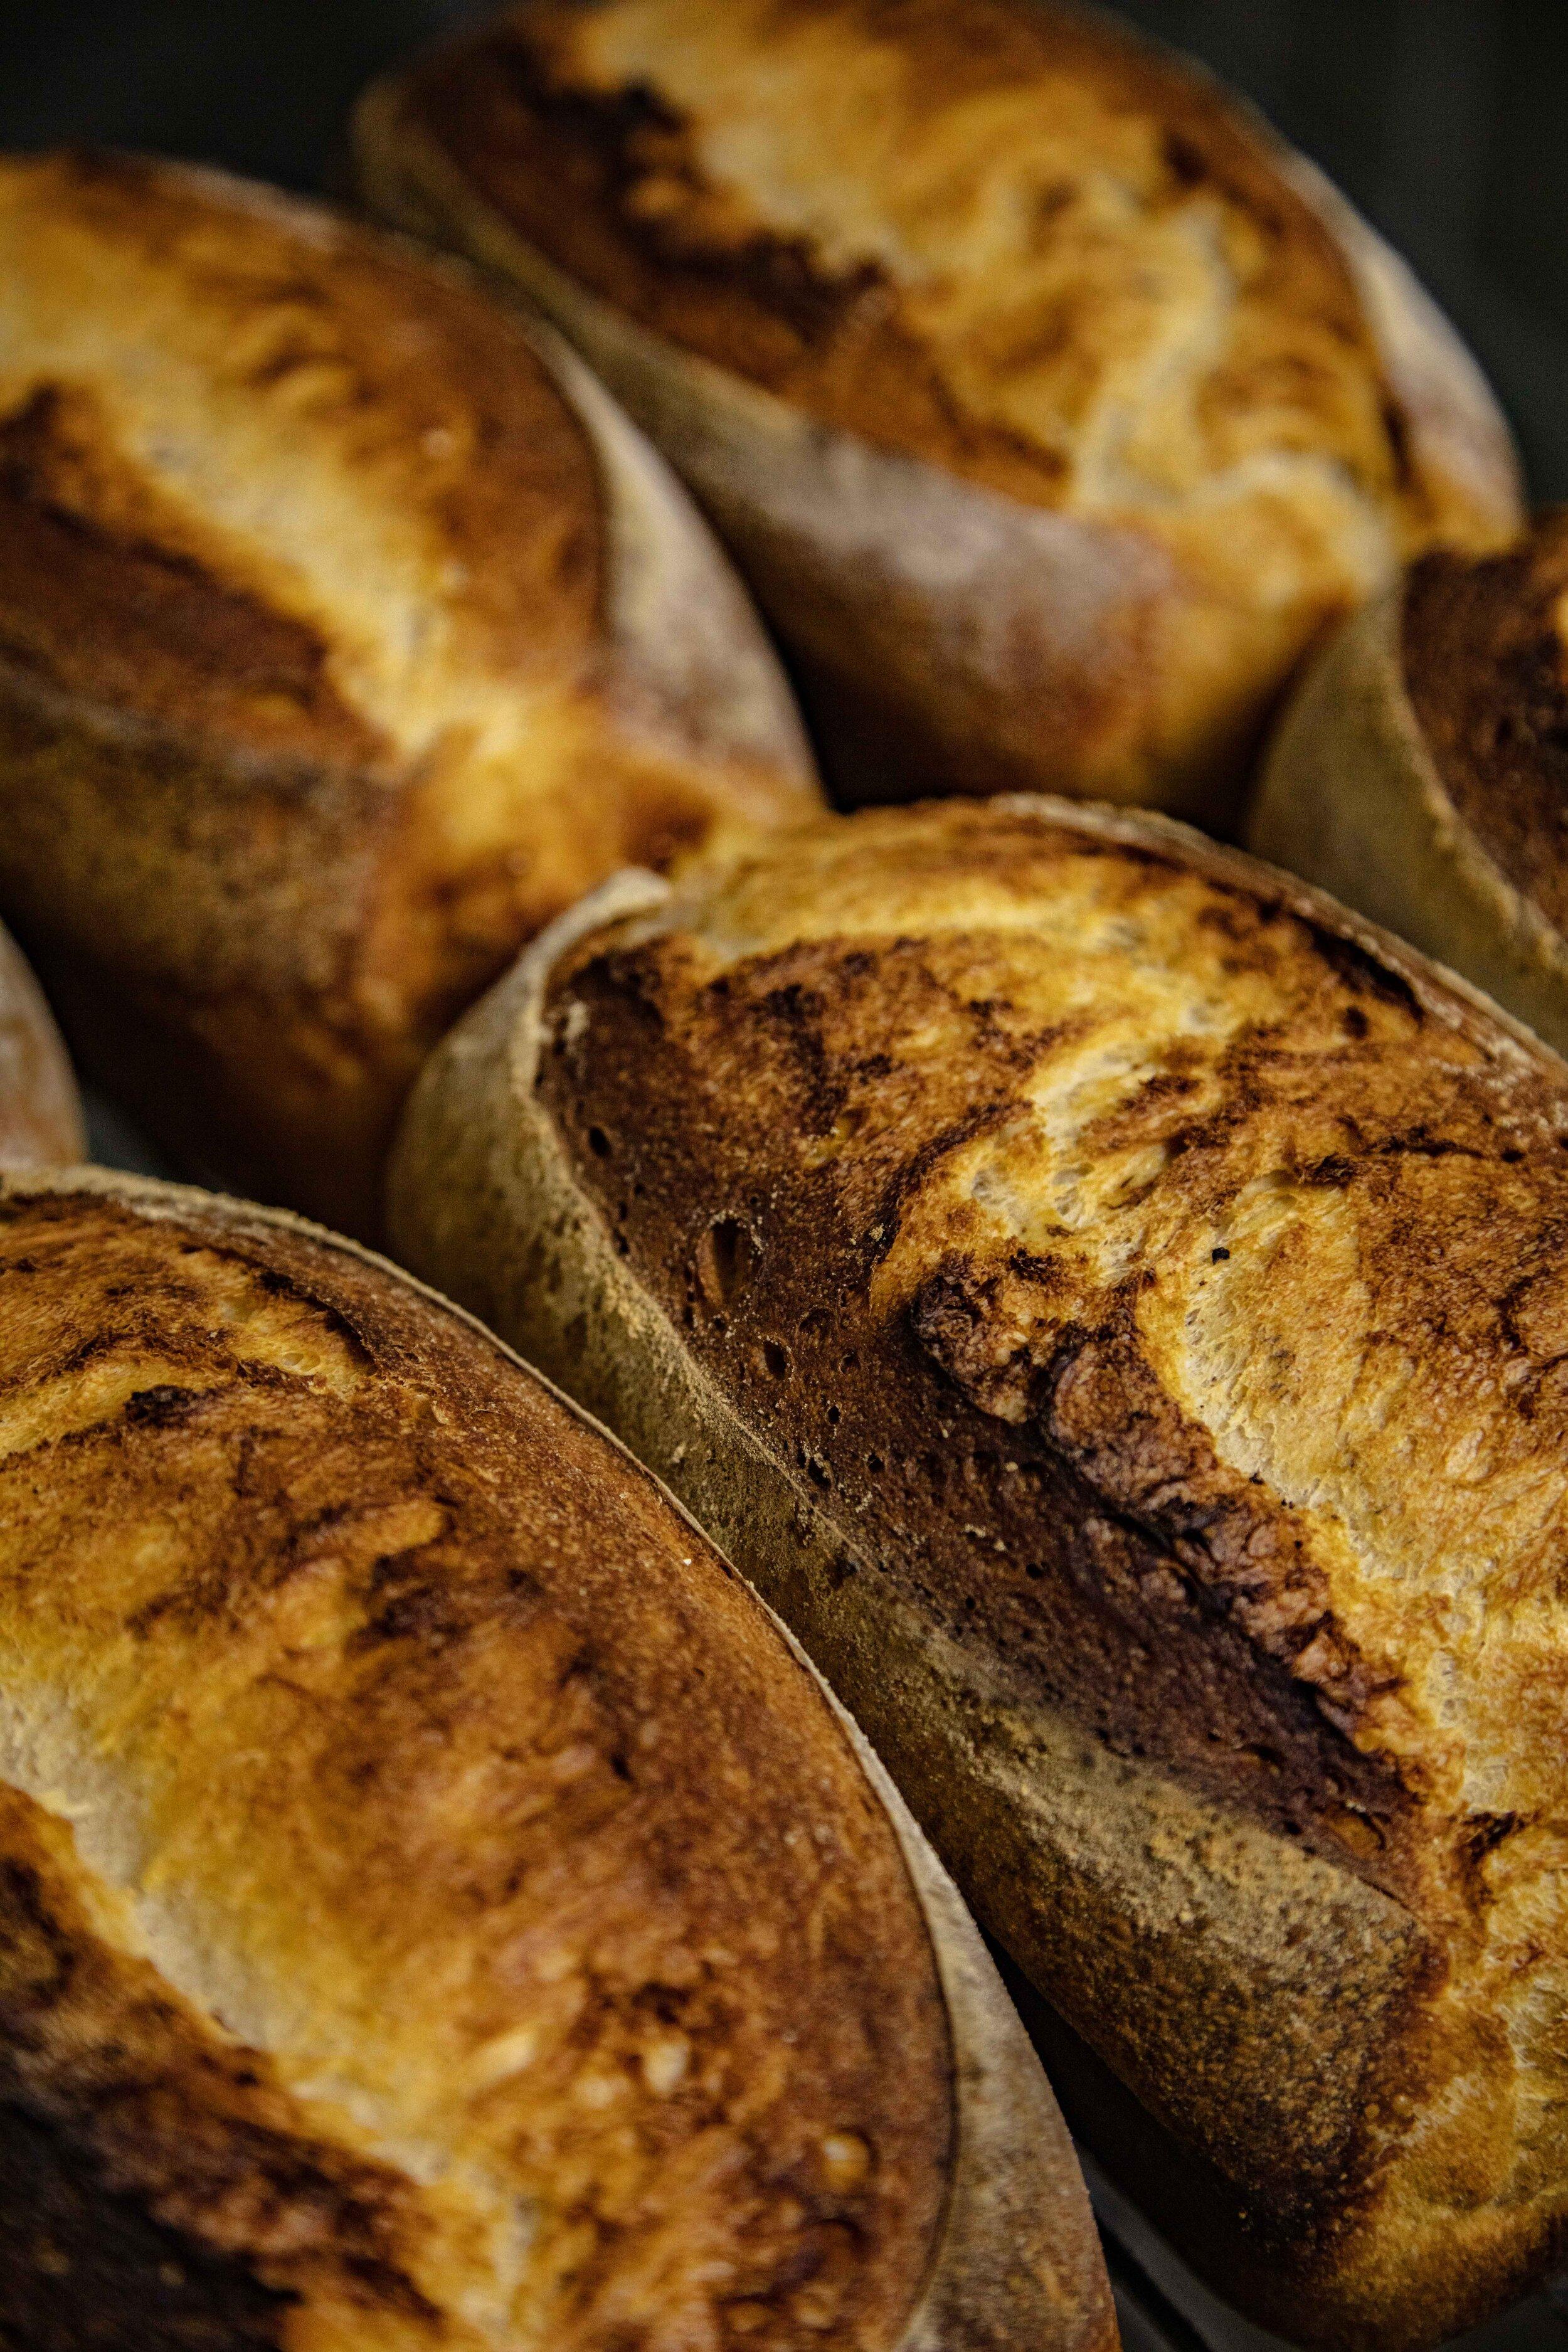 JAN Journal 3 - Bread Gypsy-46.jpg